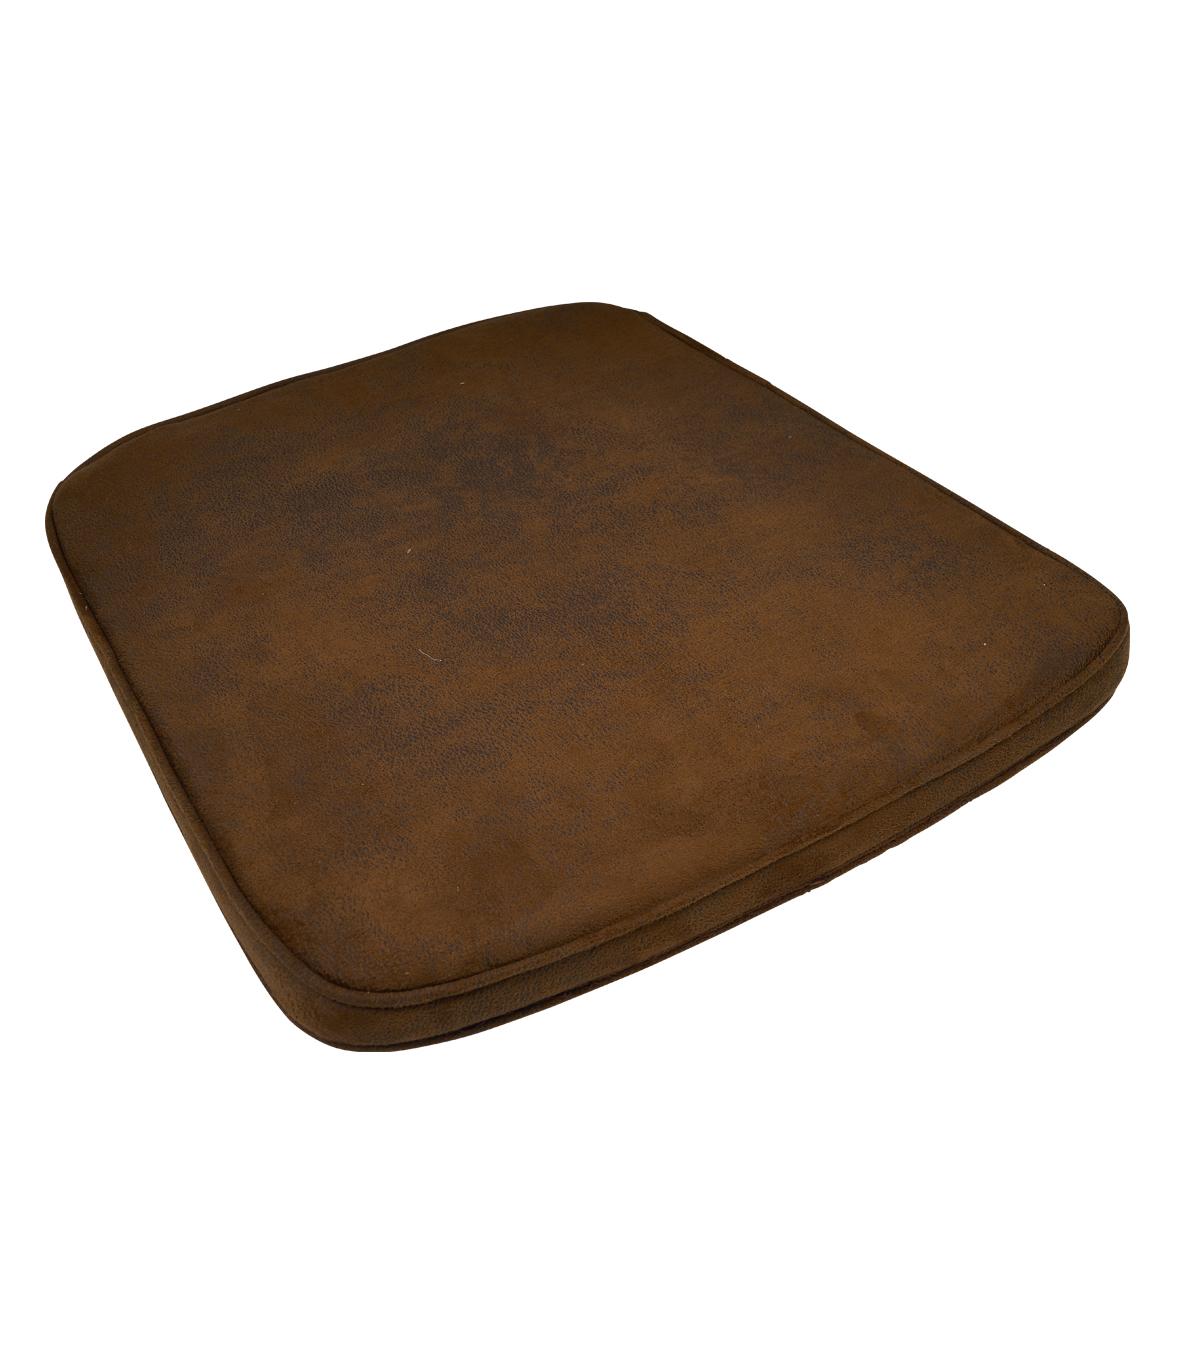 Kussen 3504 bruin saddle